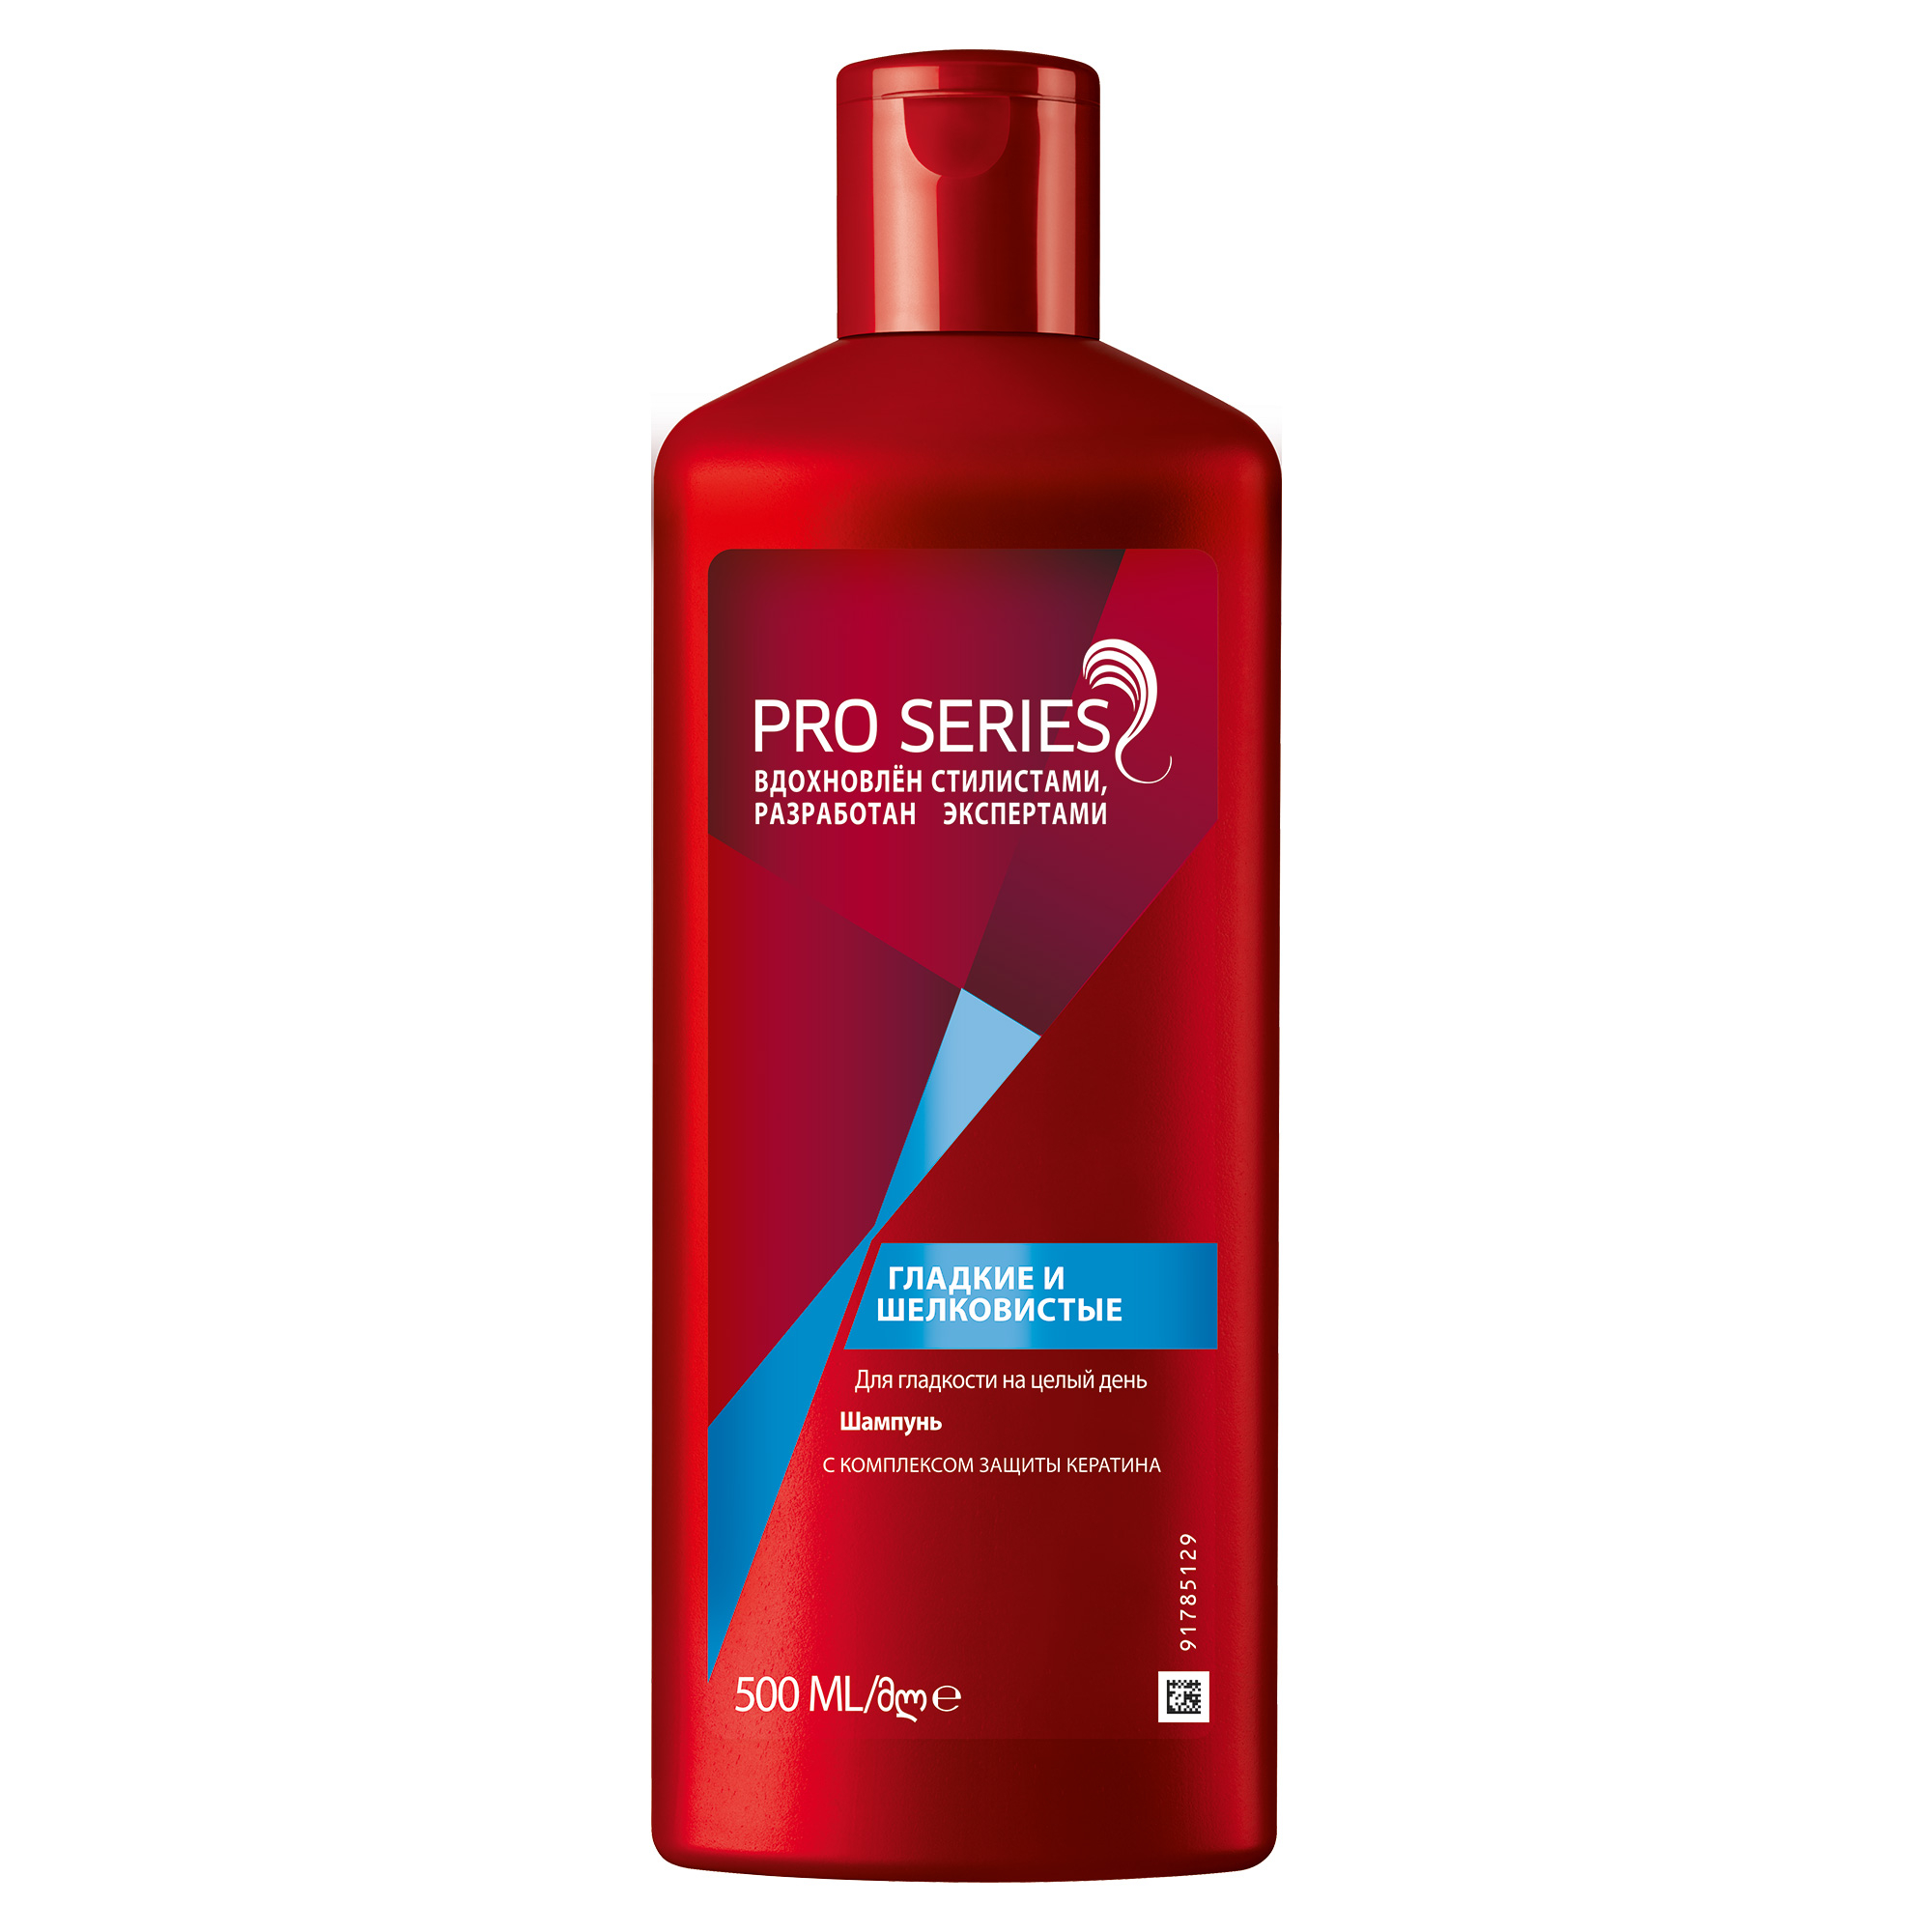 Фото - Шампунь Wella Pro Series Гладкие и шелковистые 500 мл шампунь для гладкости волос pro series гладкие и шелковистые 500 мл